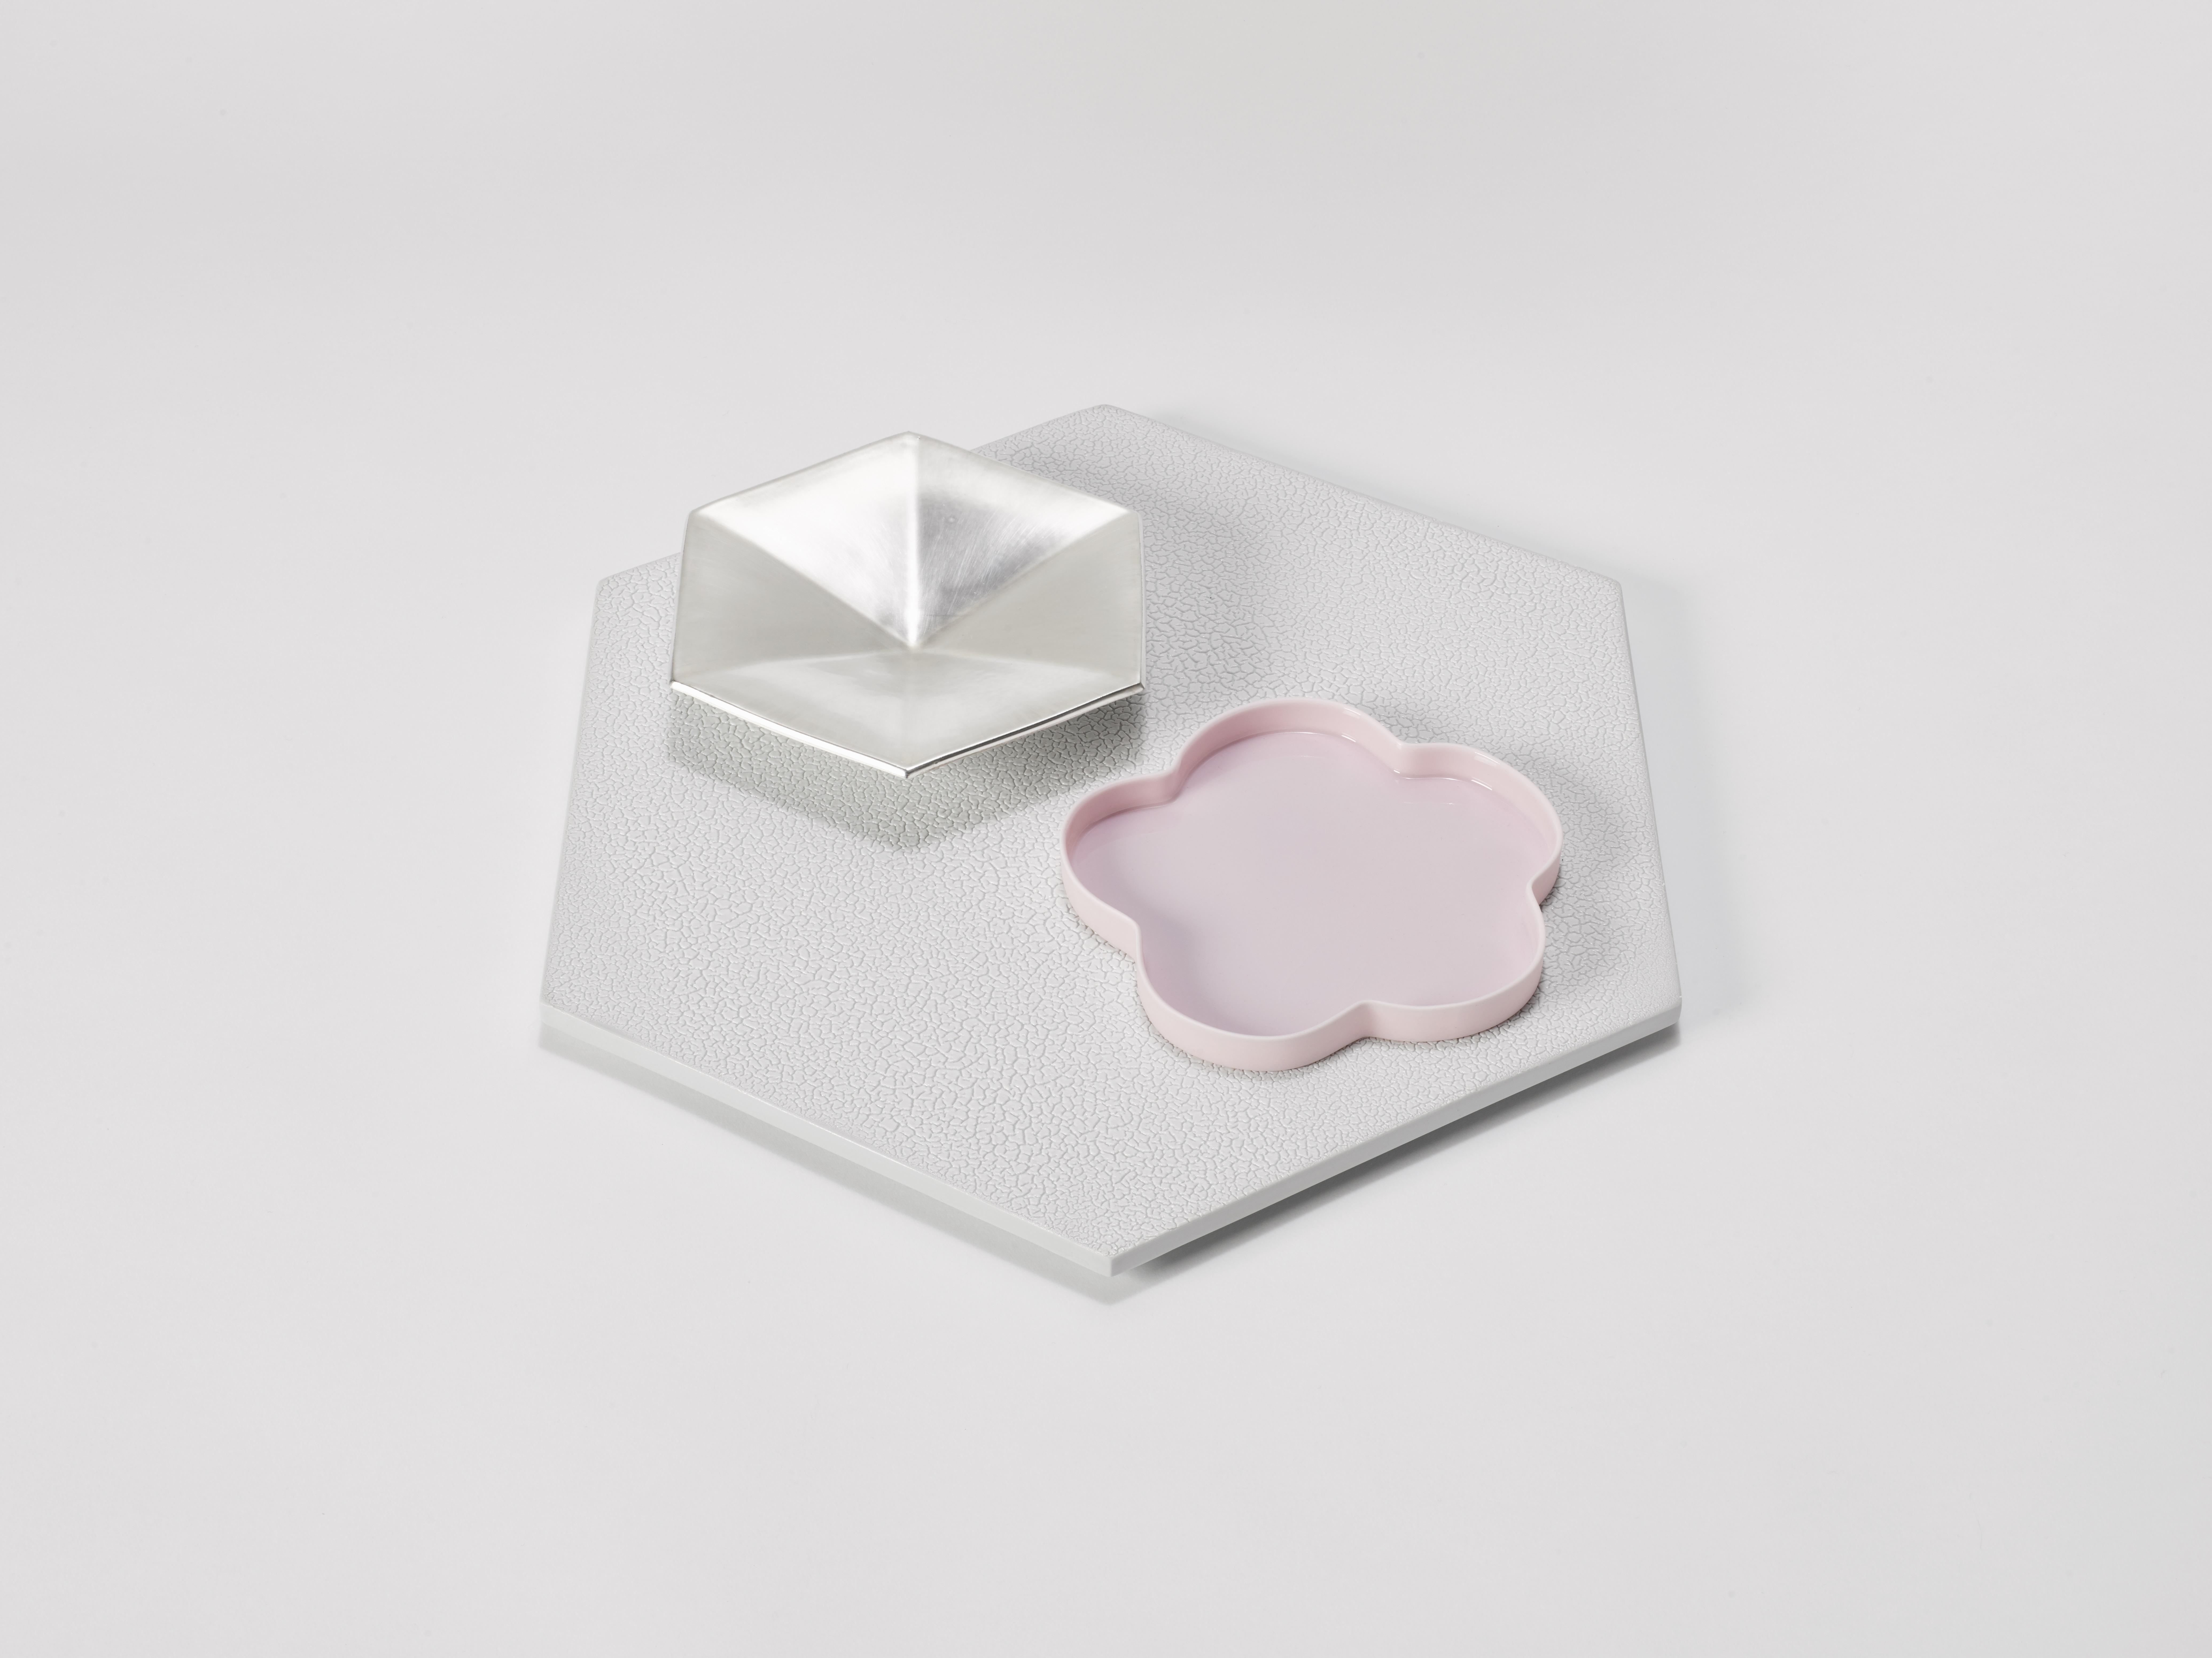 1. Margareta Daepp: Silber und Pink auf Hexagon, 2016